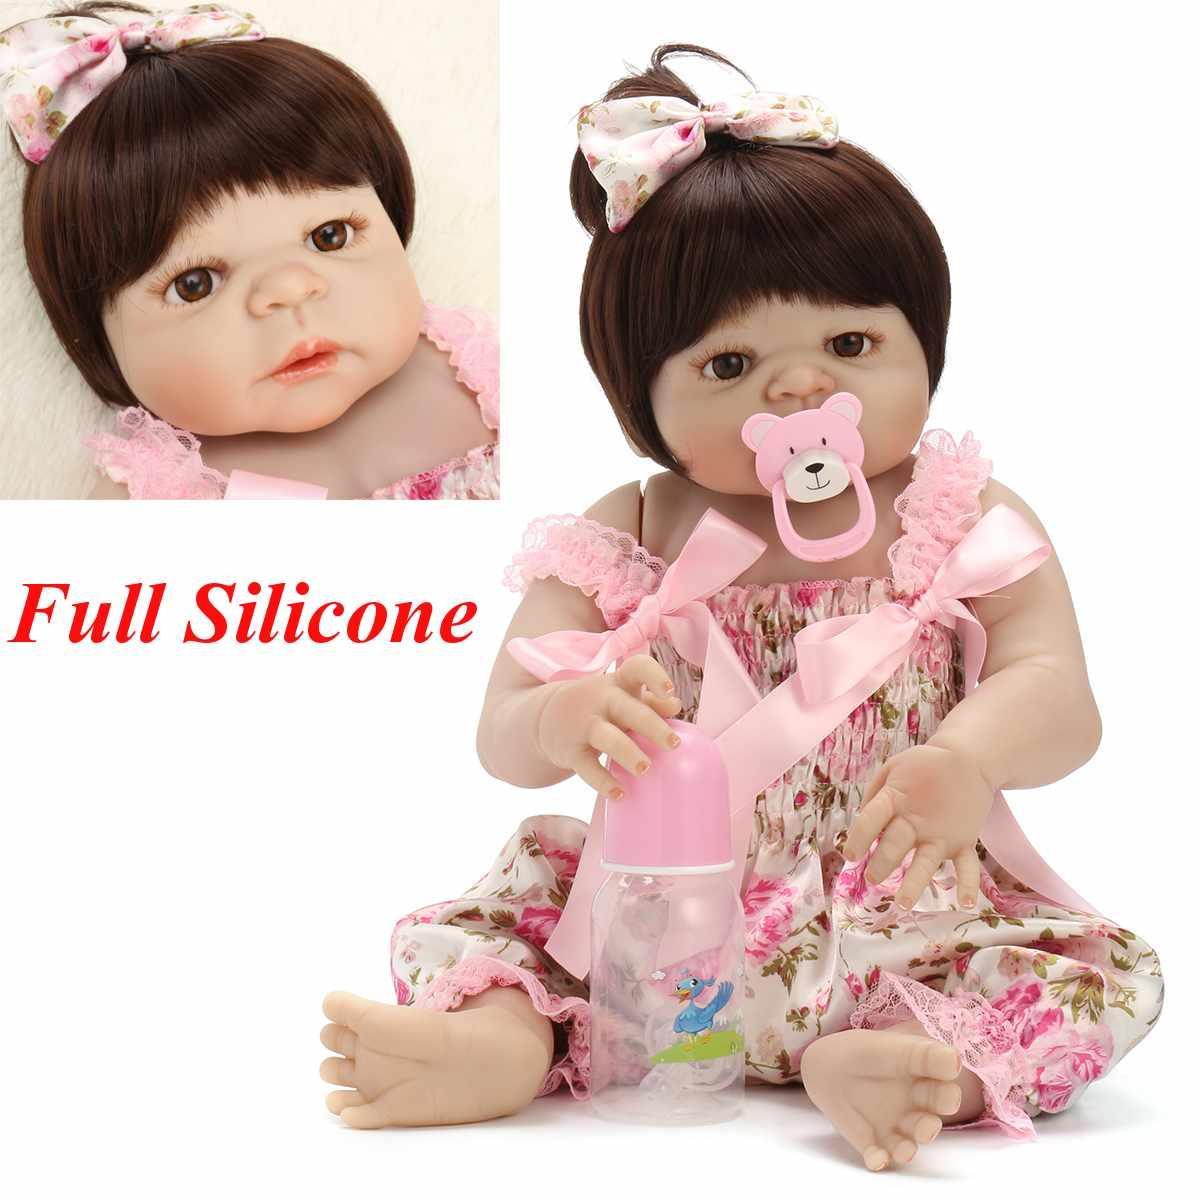 56 cm Silicone souple Reborn bébé réaliste bébé poupée bambin Bonecas jouet enfant poupée Bebes Reborn Brinquedos Reborn jouets enfants cadeaux